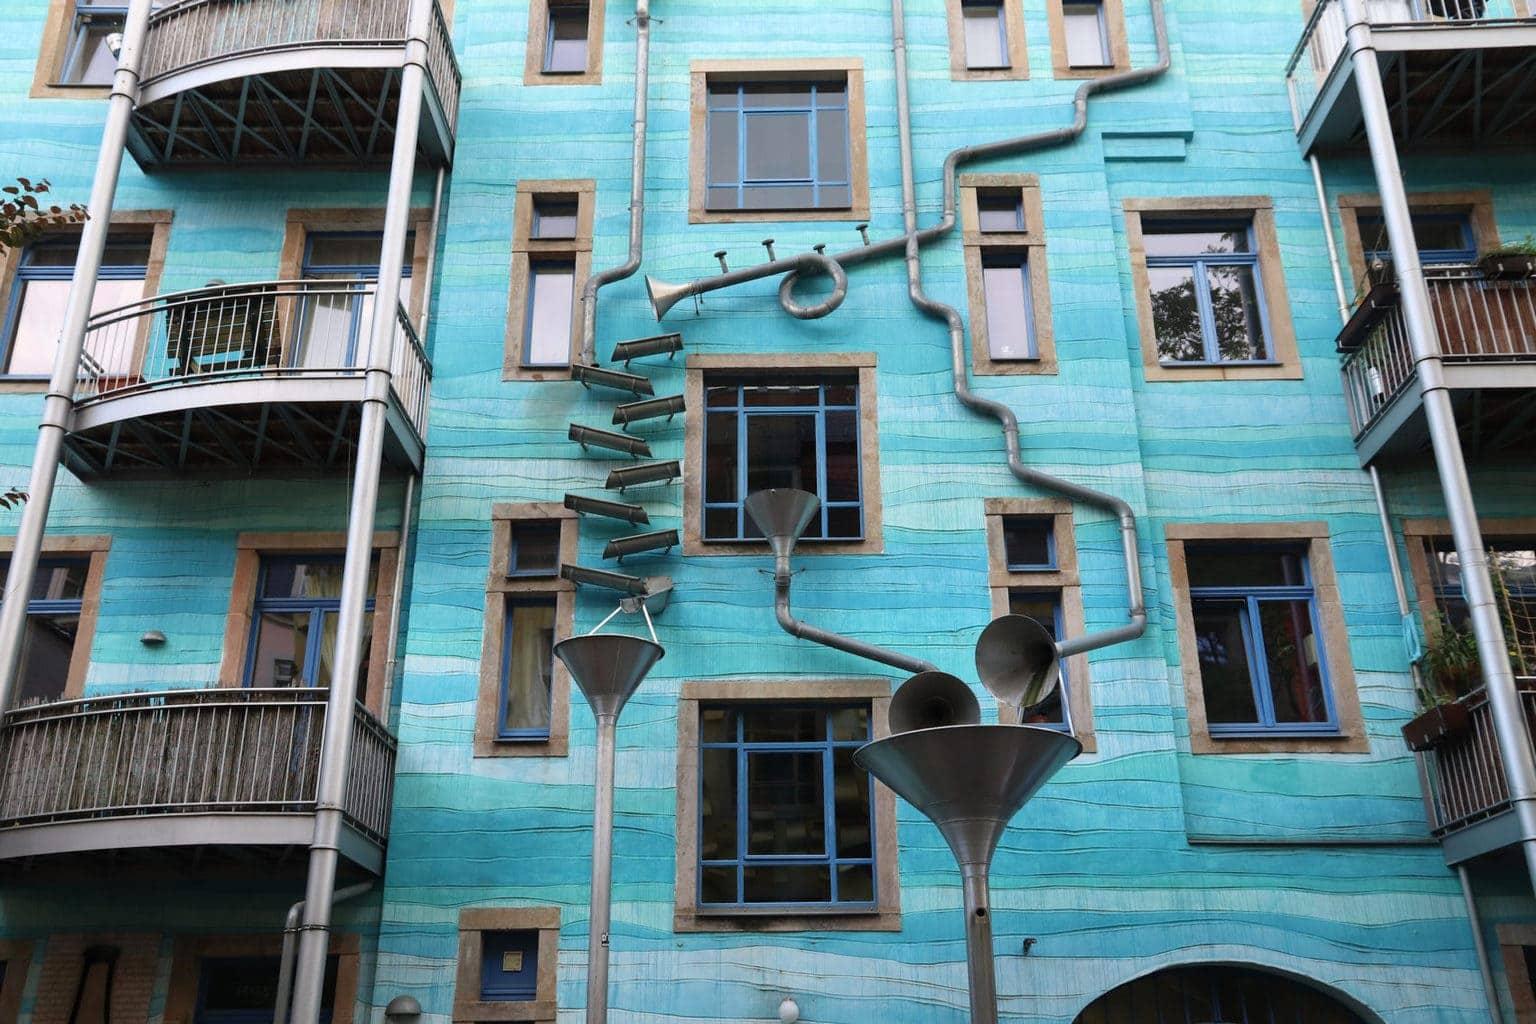 De kunsthofpassage in Dresden behoort tot de avantgardeplekken in de stad